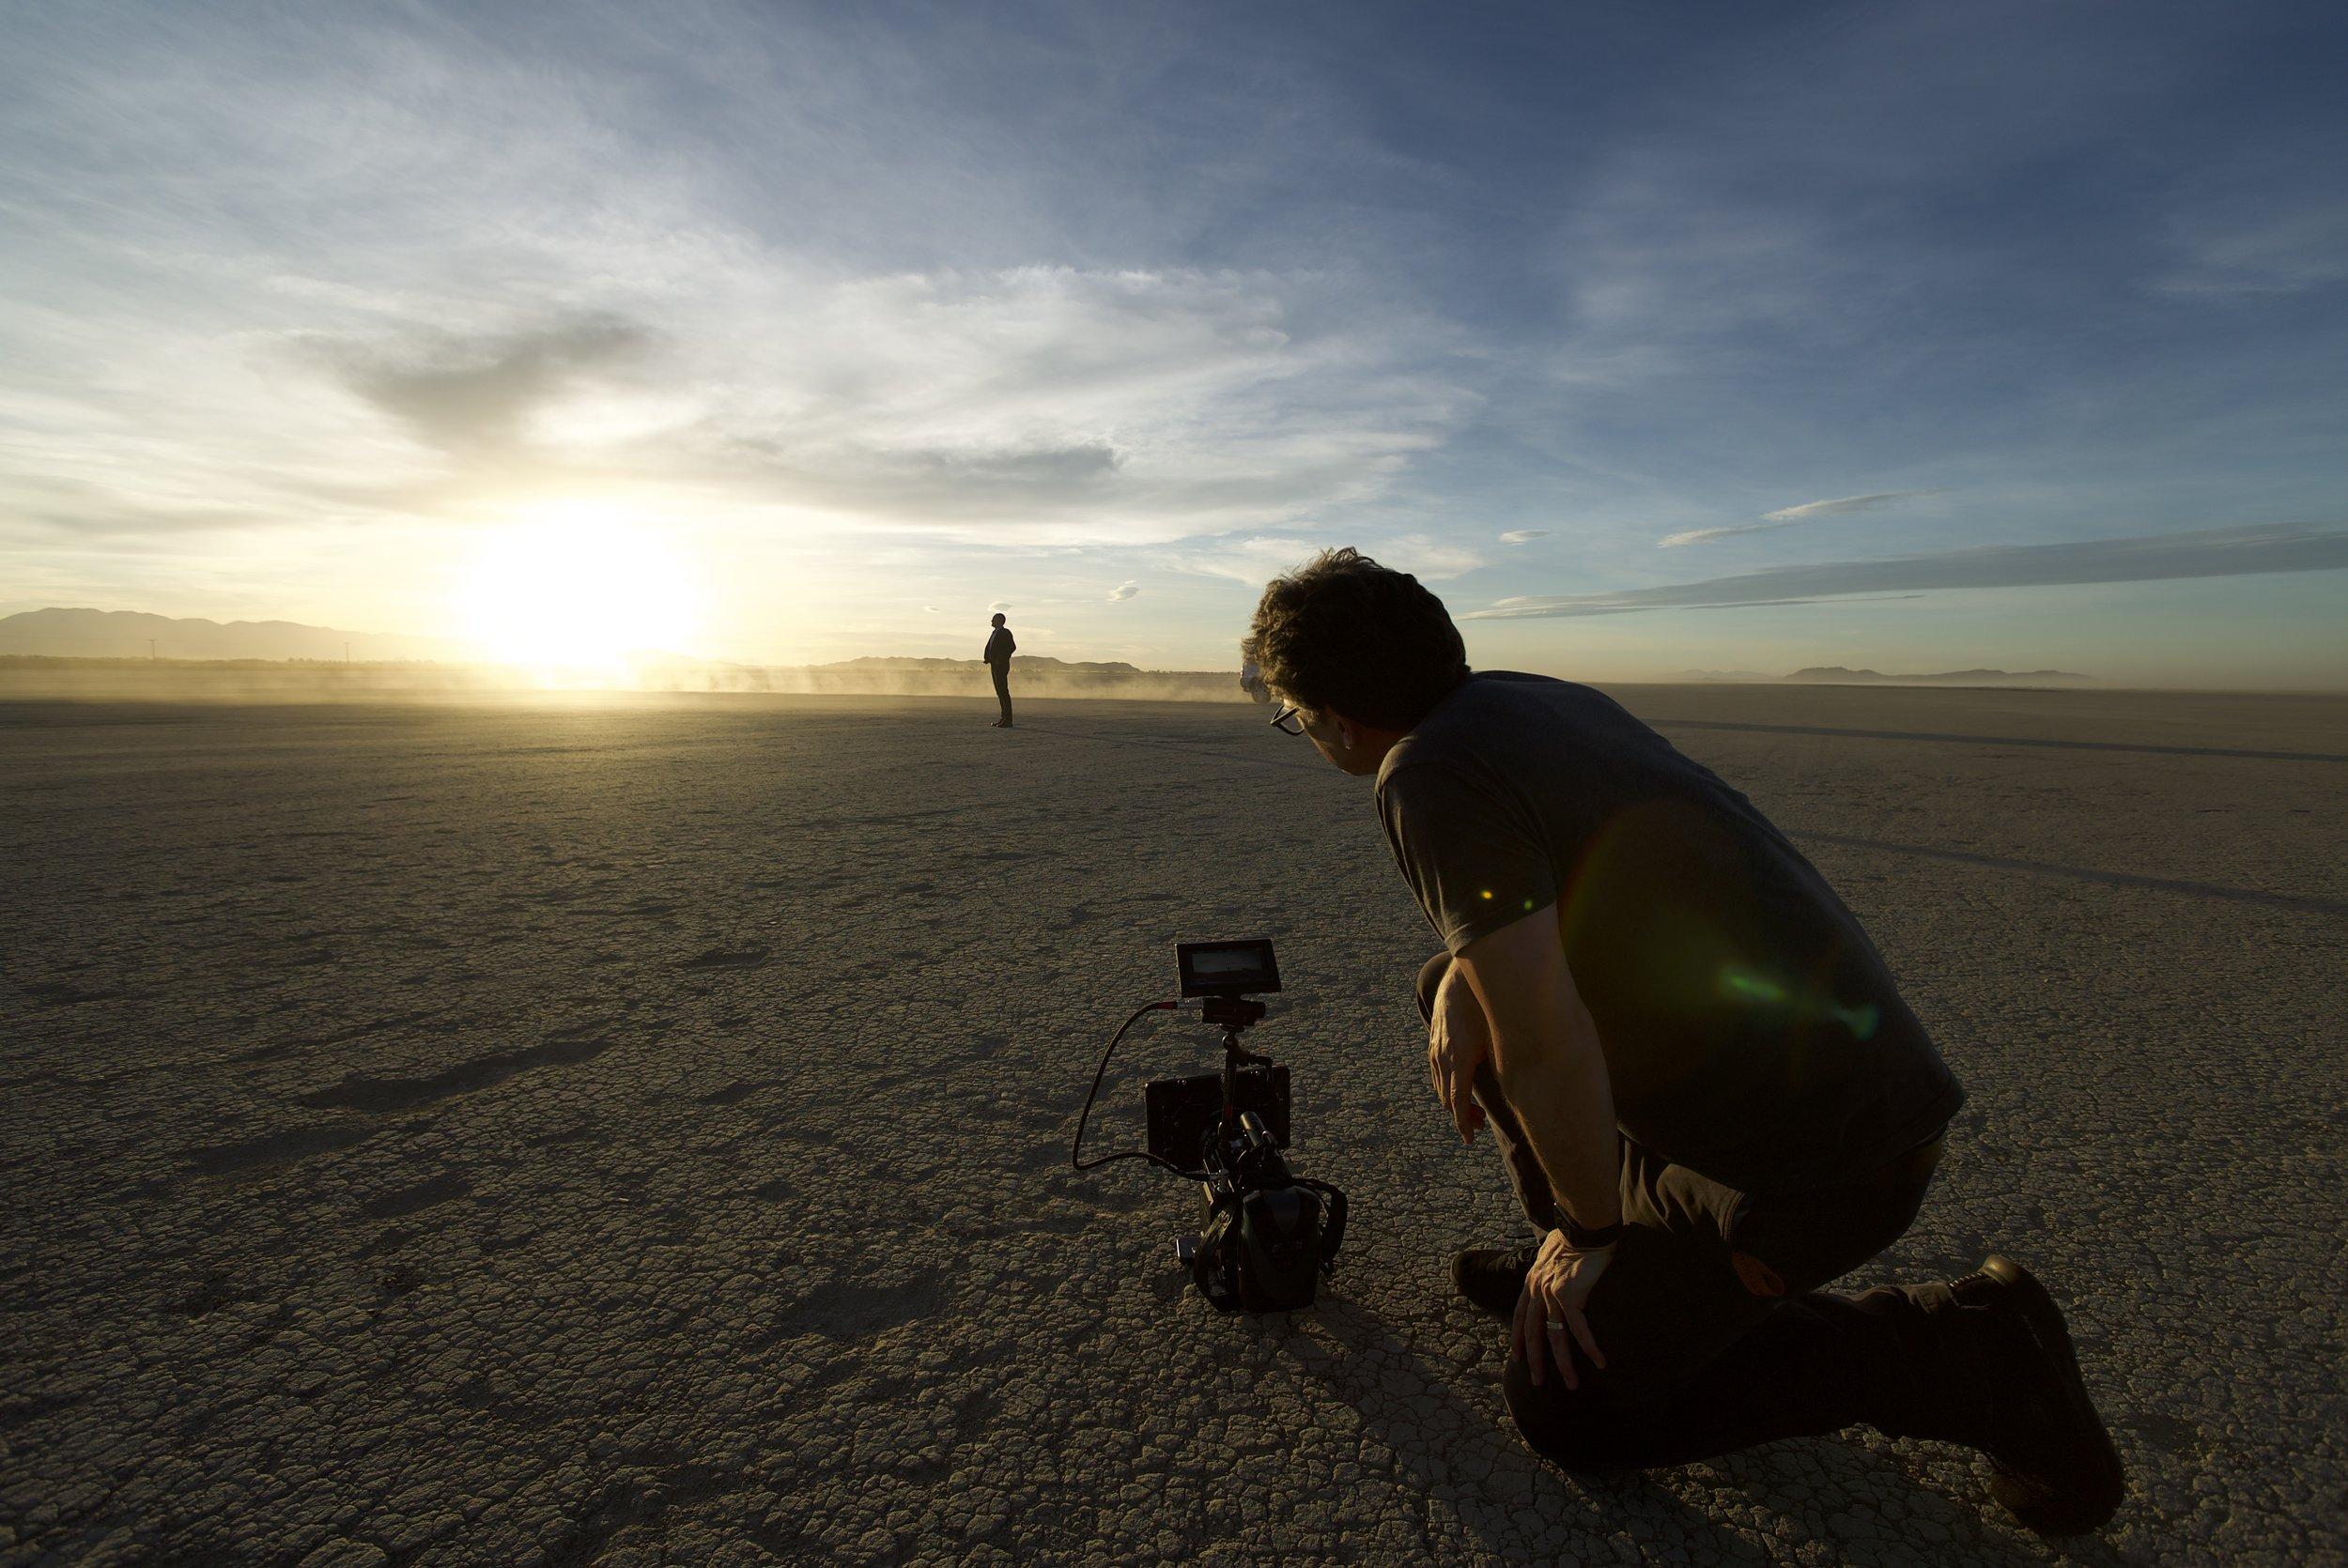 009_Own the Sky_Director Greg Read_Desert_©OTS Films.jpg